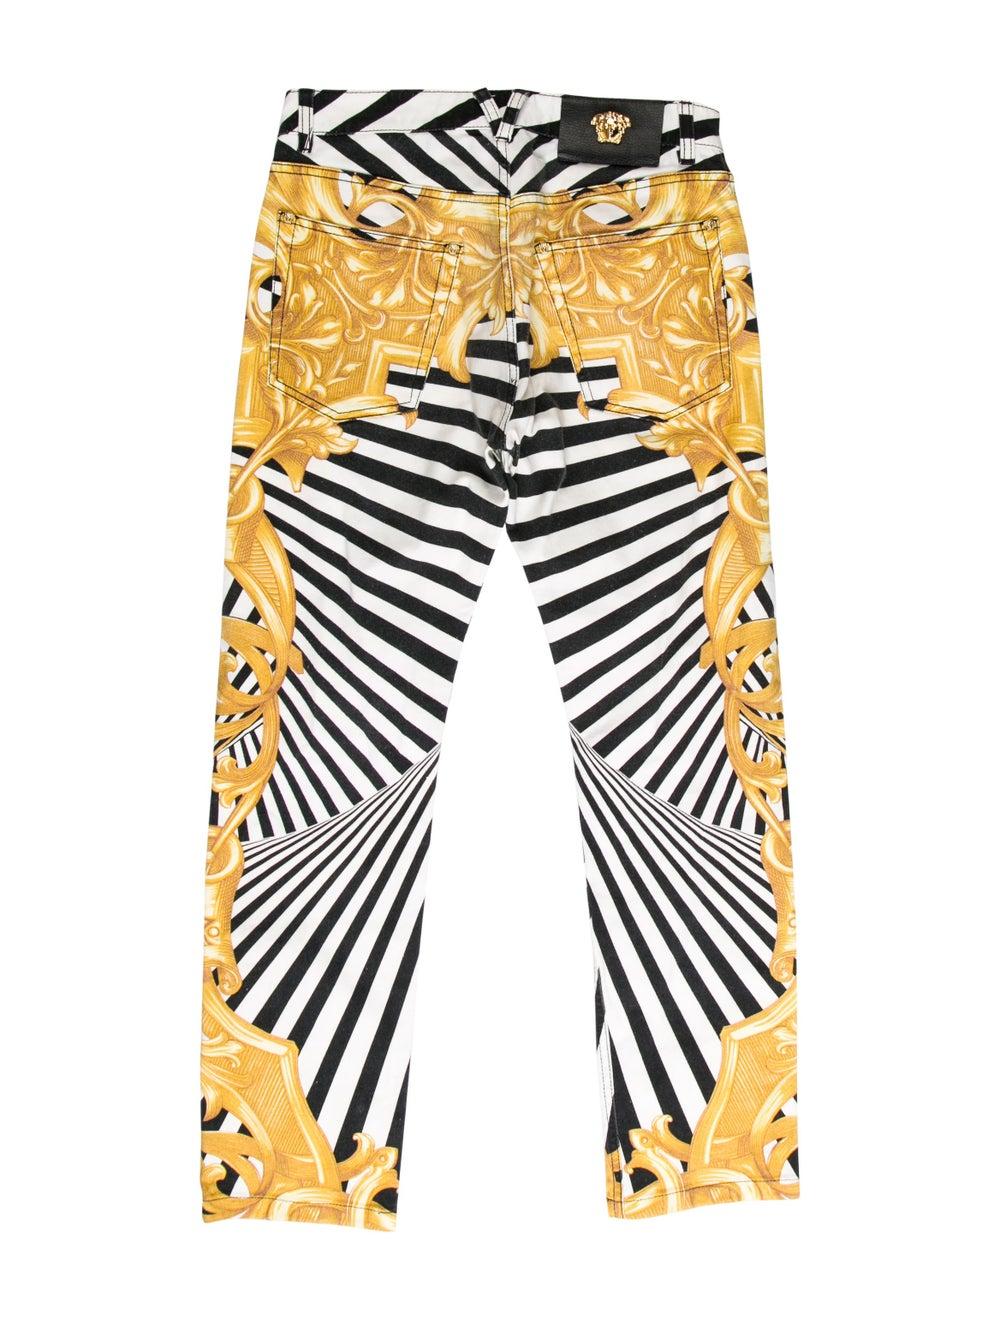 Versace Printed Skinny Jeans black - image 2